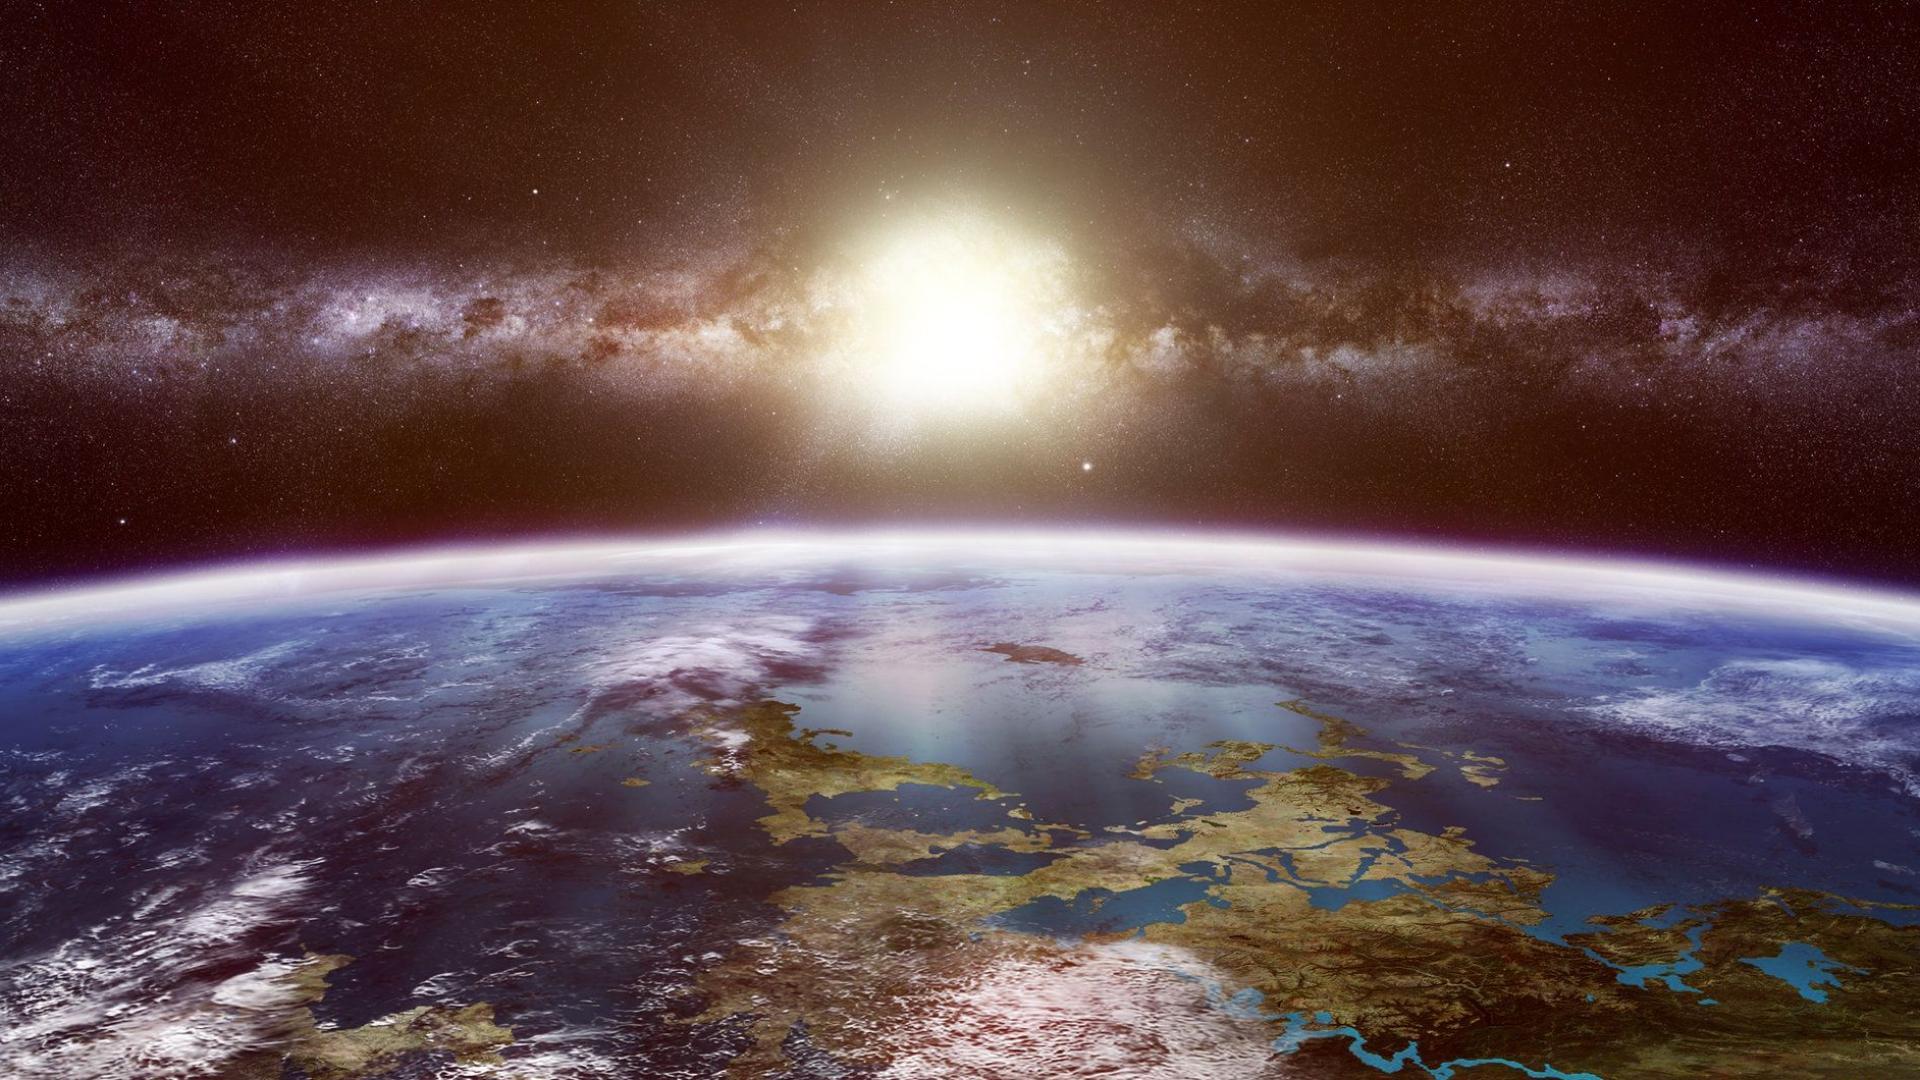 Sfondi e immagini gratis dello spazio e dei pianeti for Sfondi spazio hd